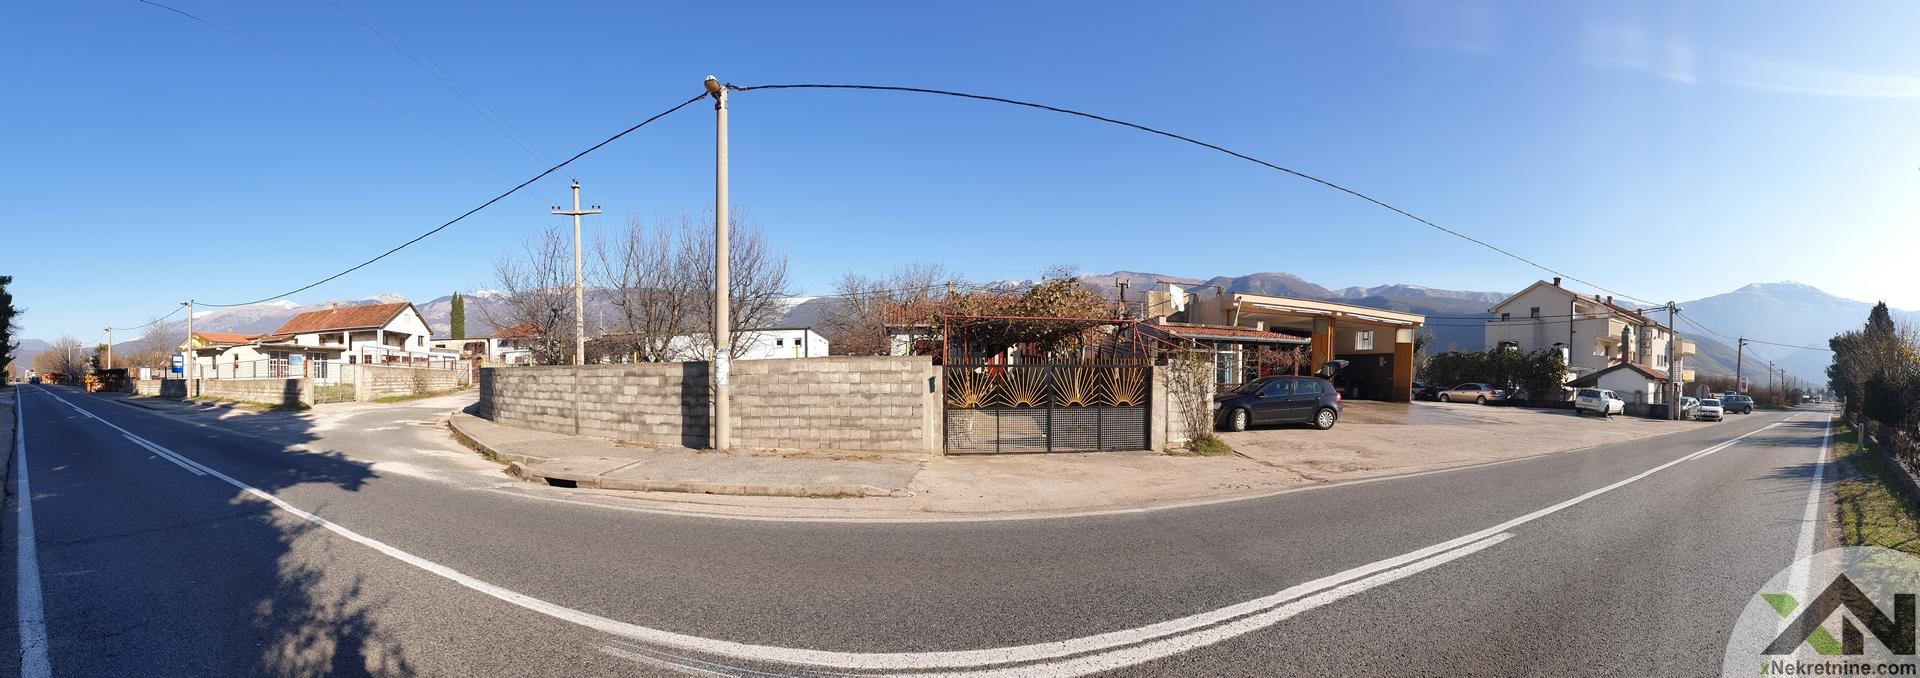 Kuća i poslovni prostor - M17